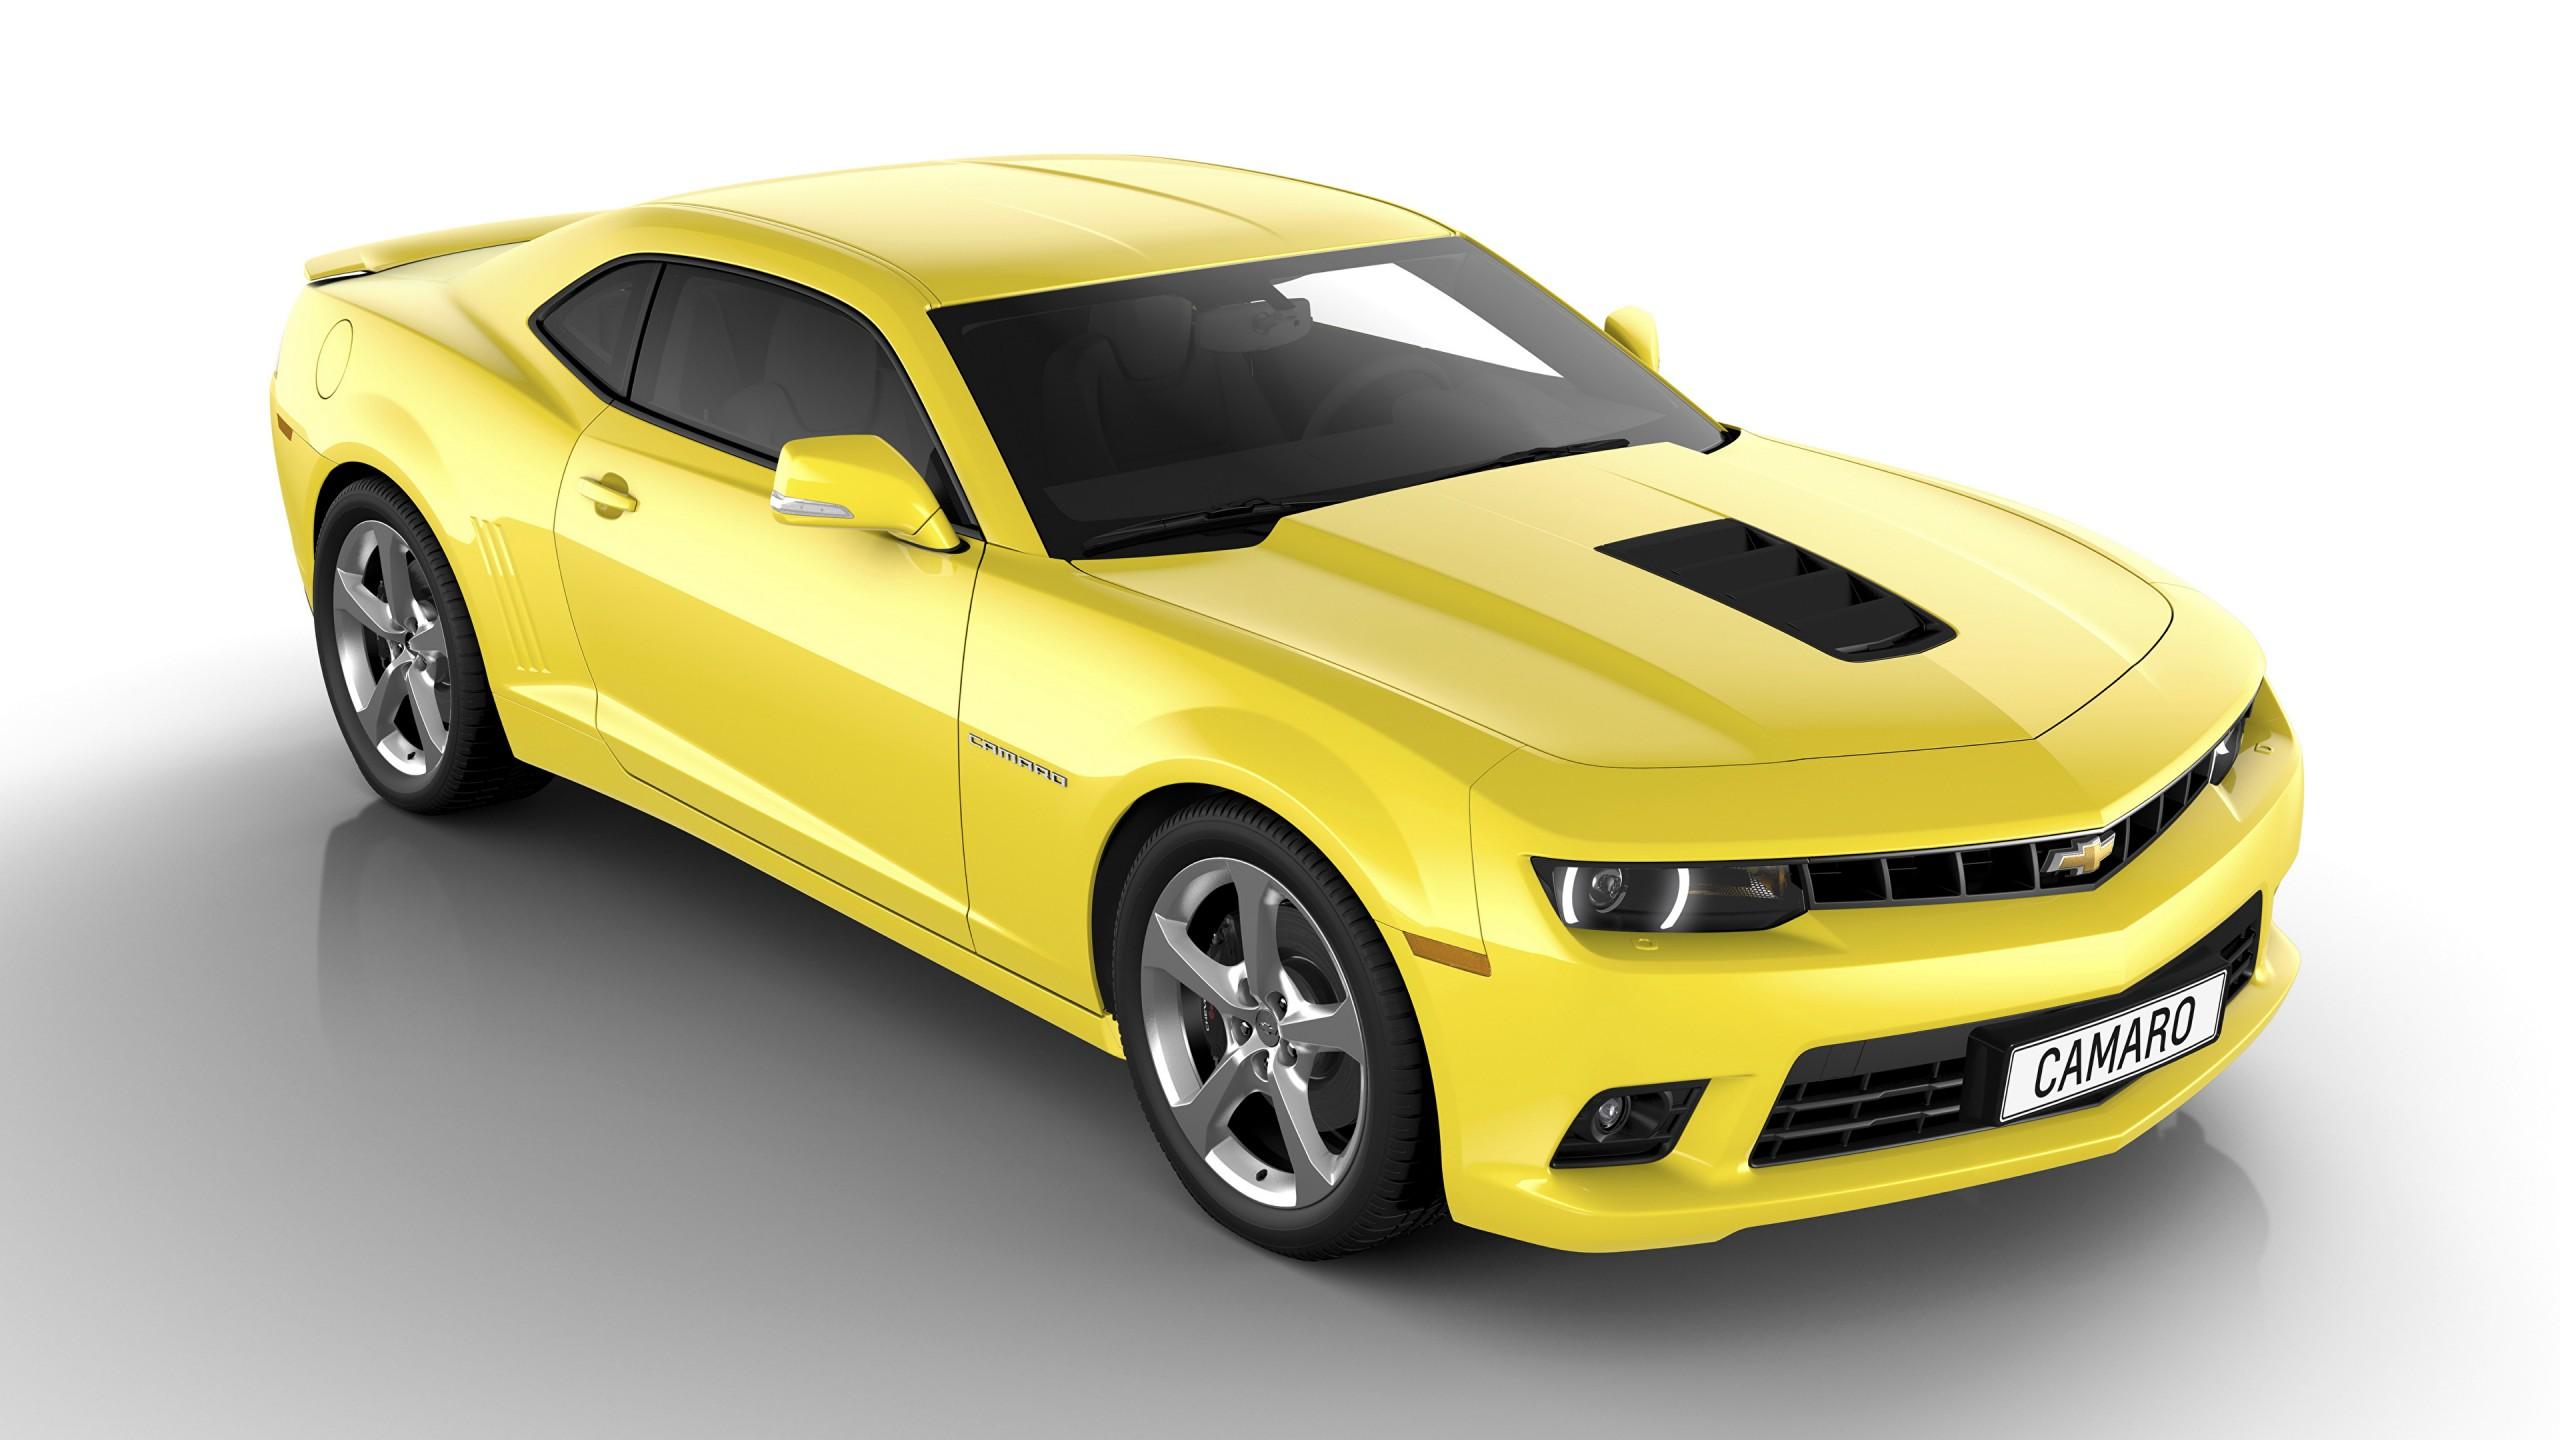 Chevrolet Camaro amarelo